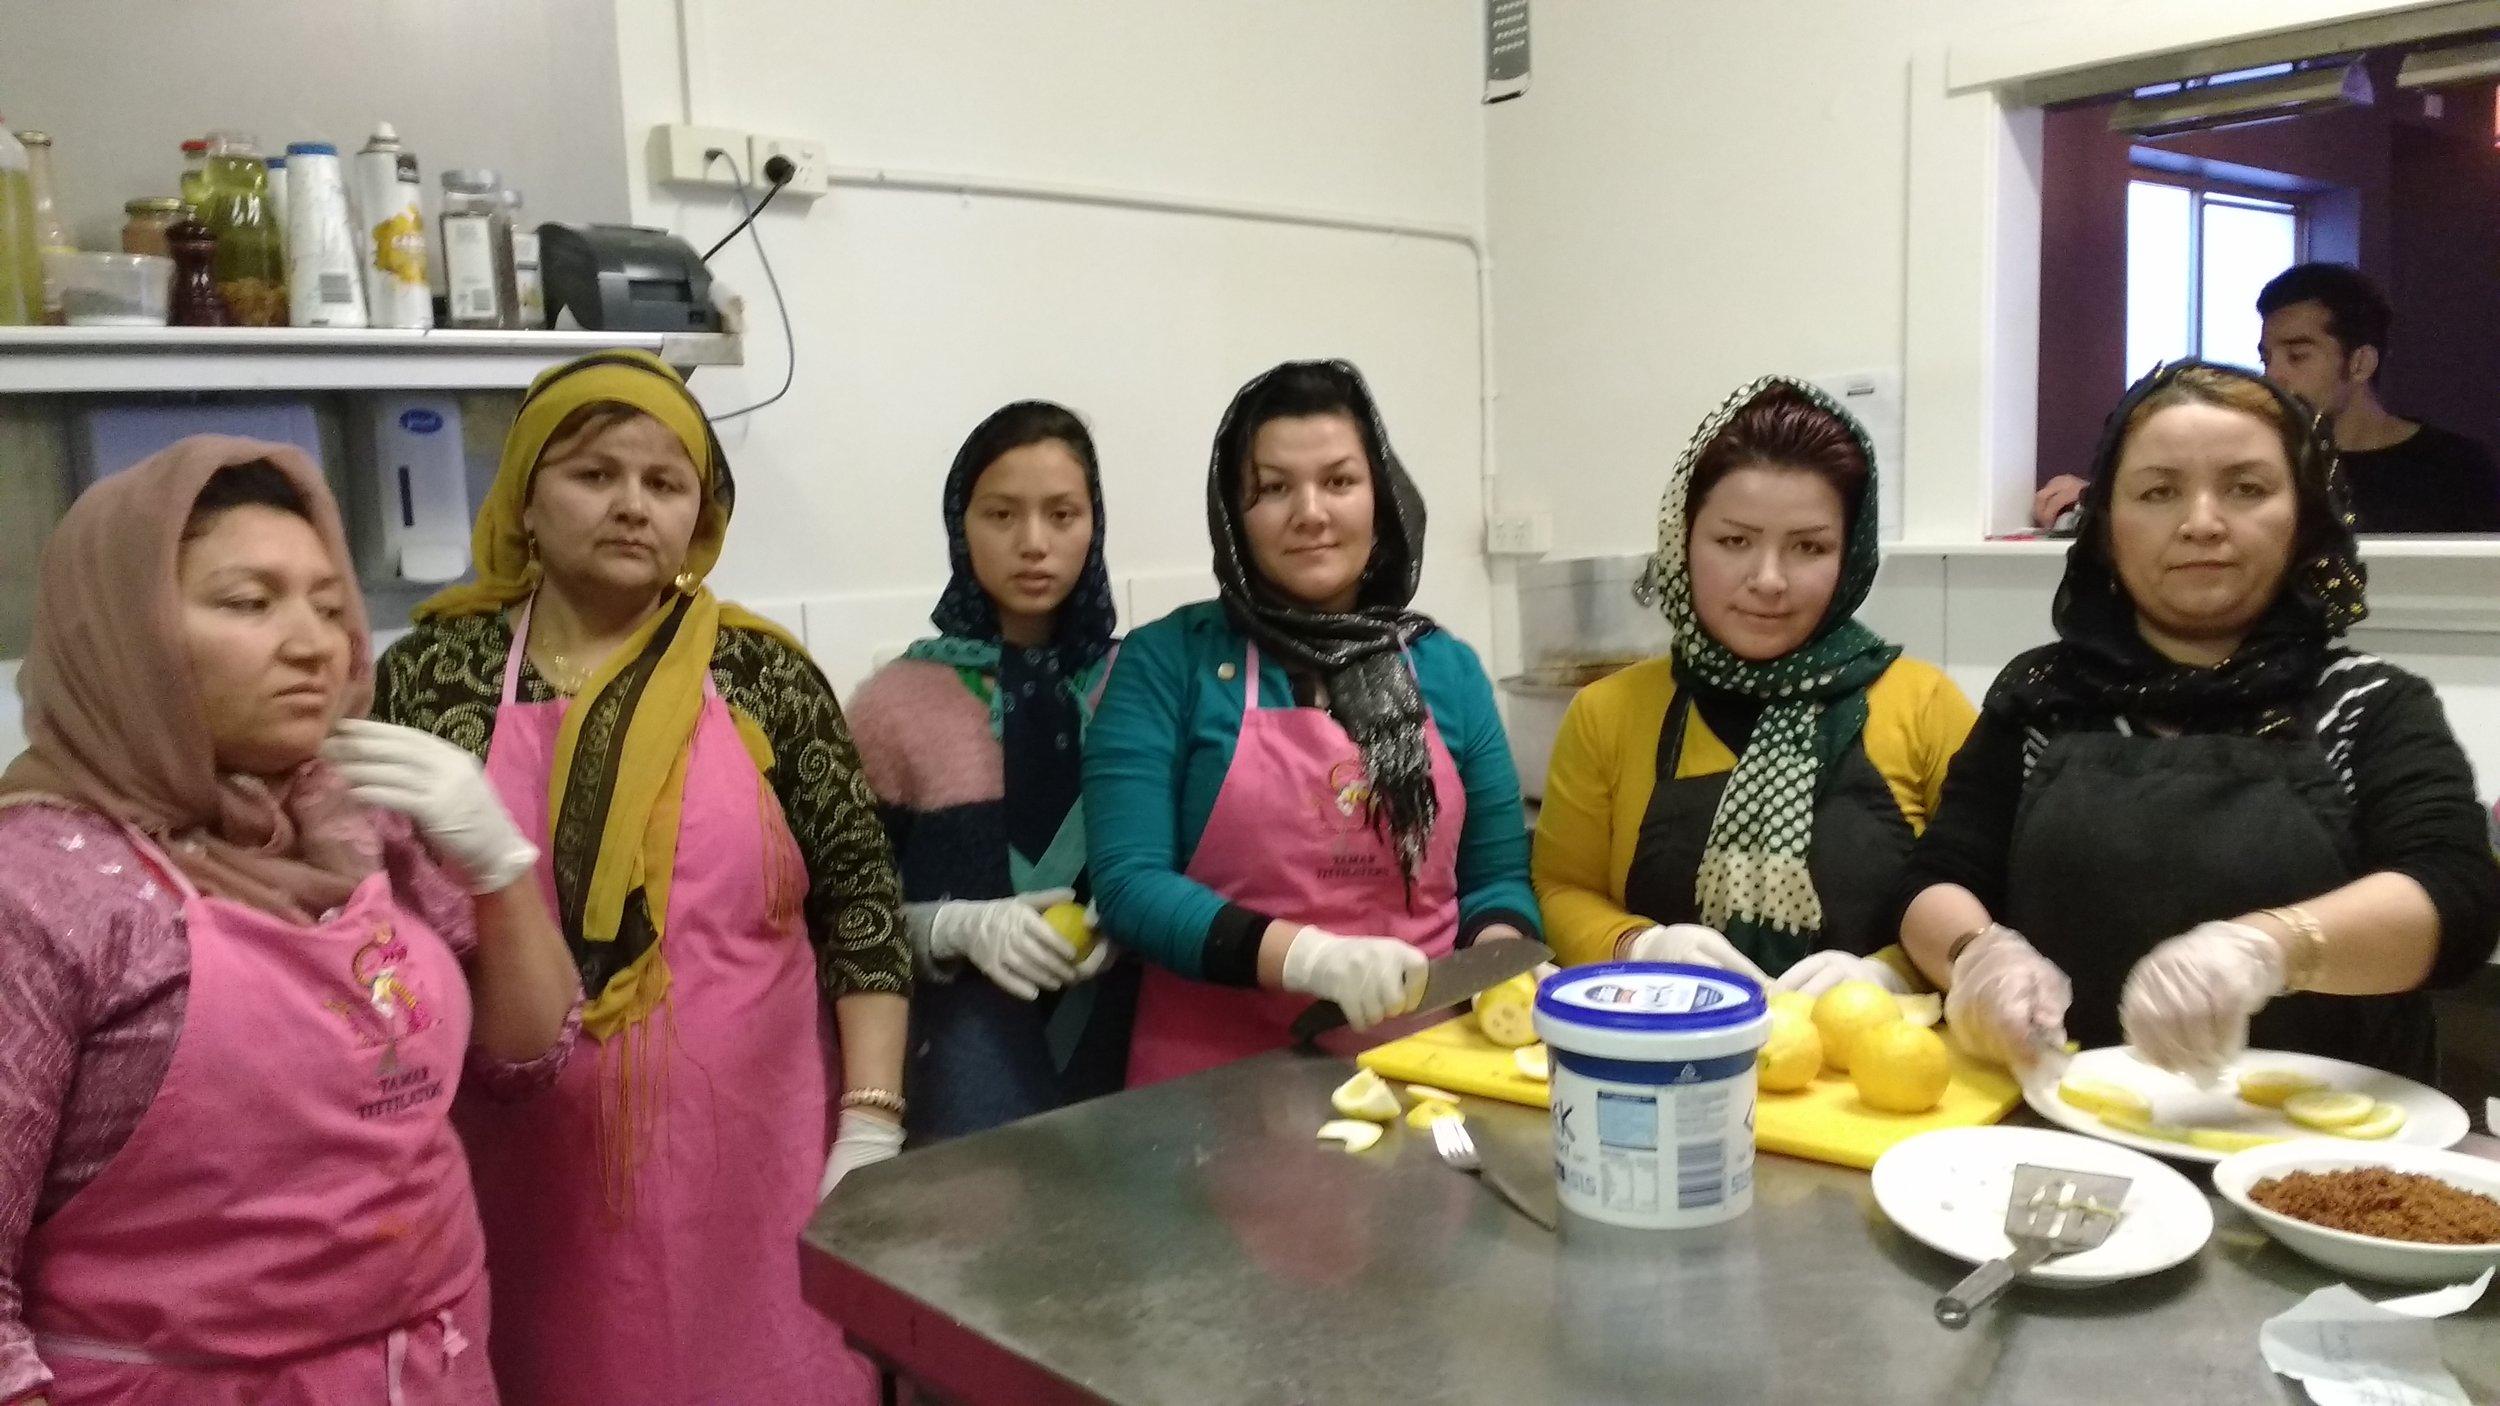 Group of cooks.jpg